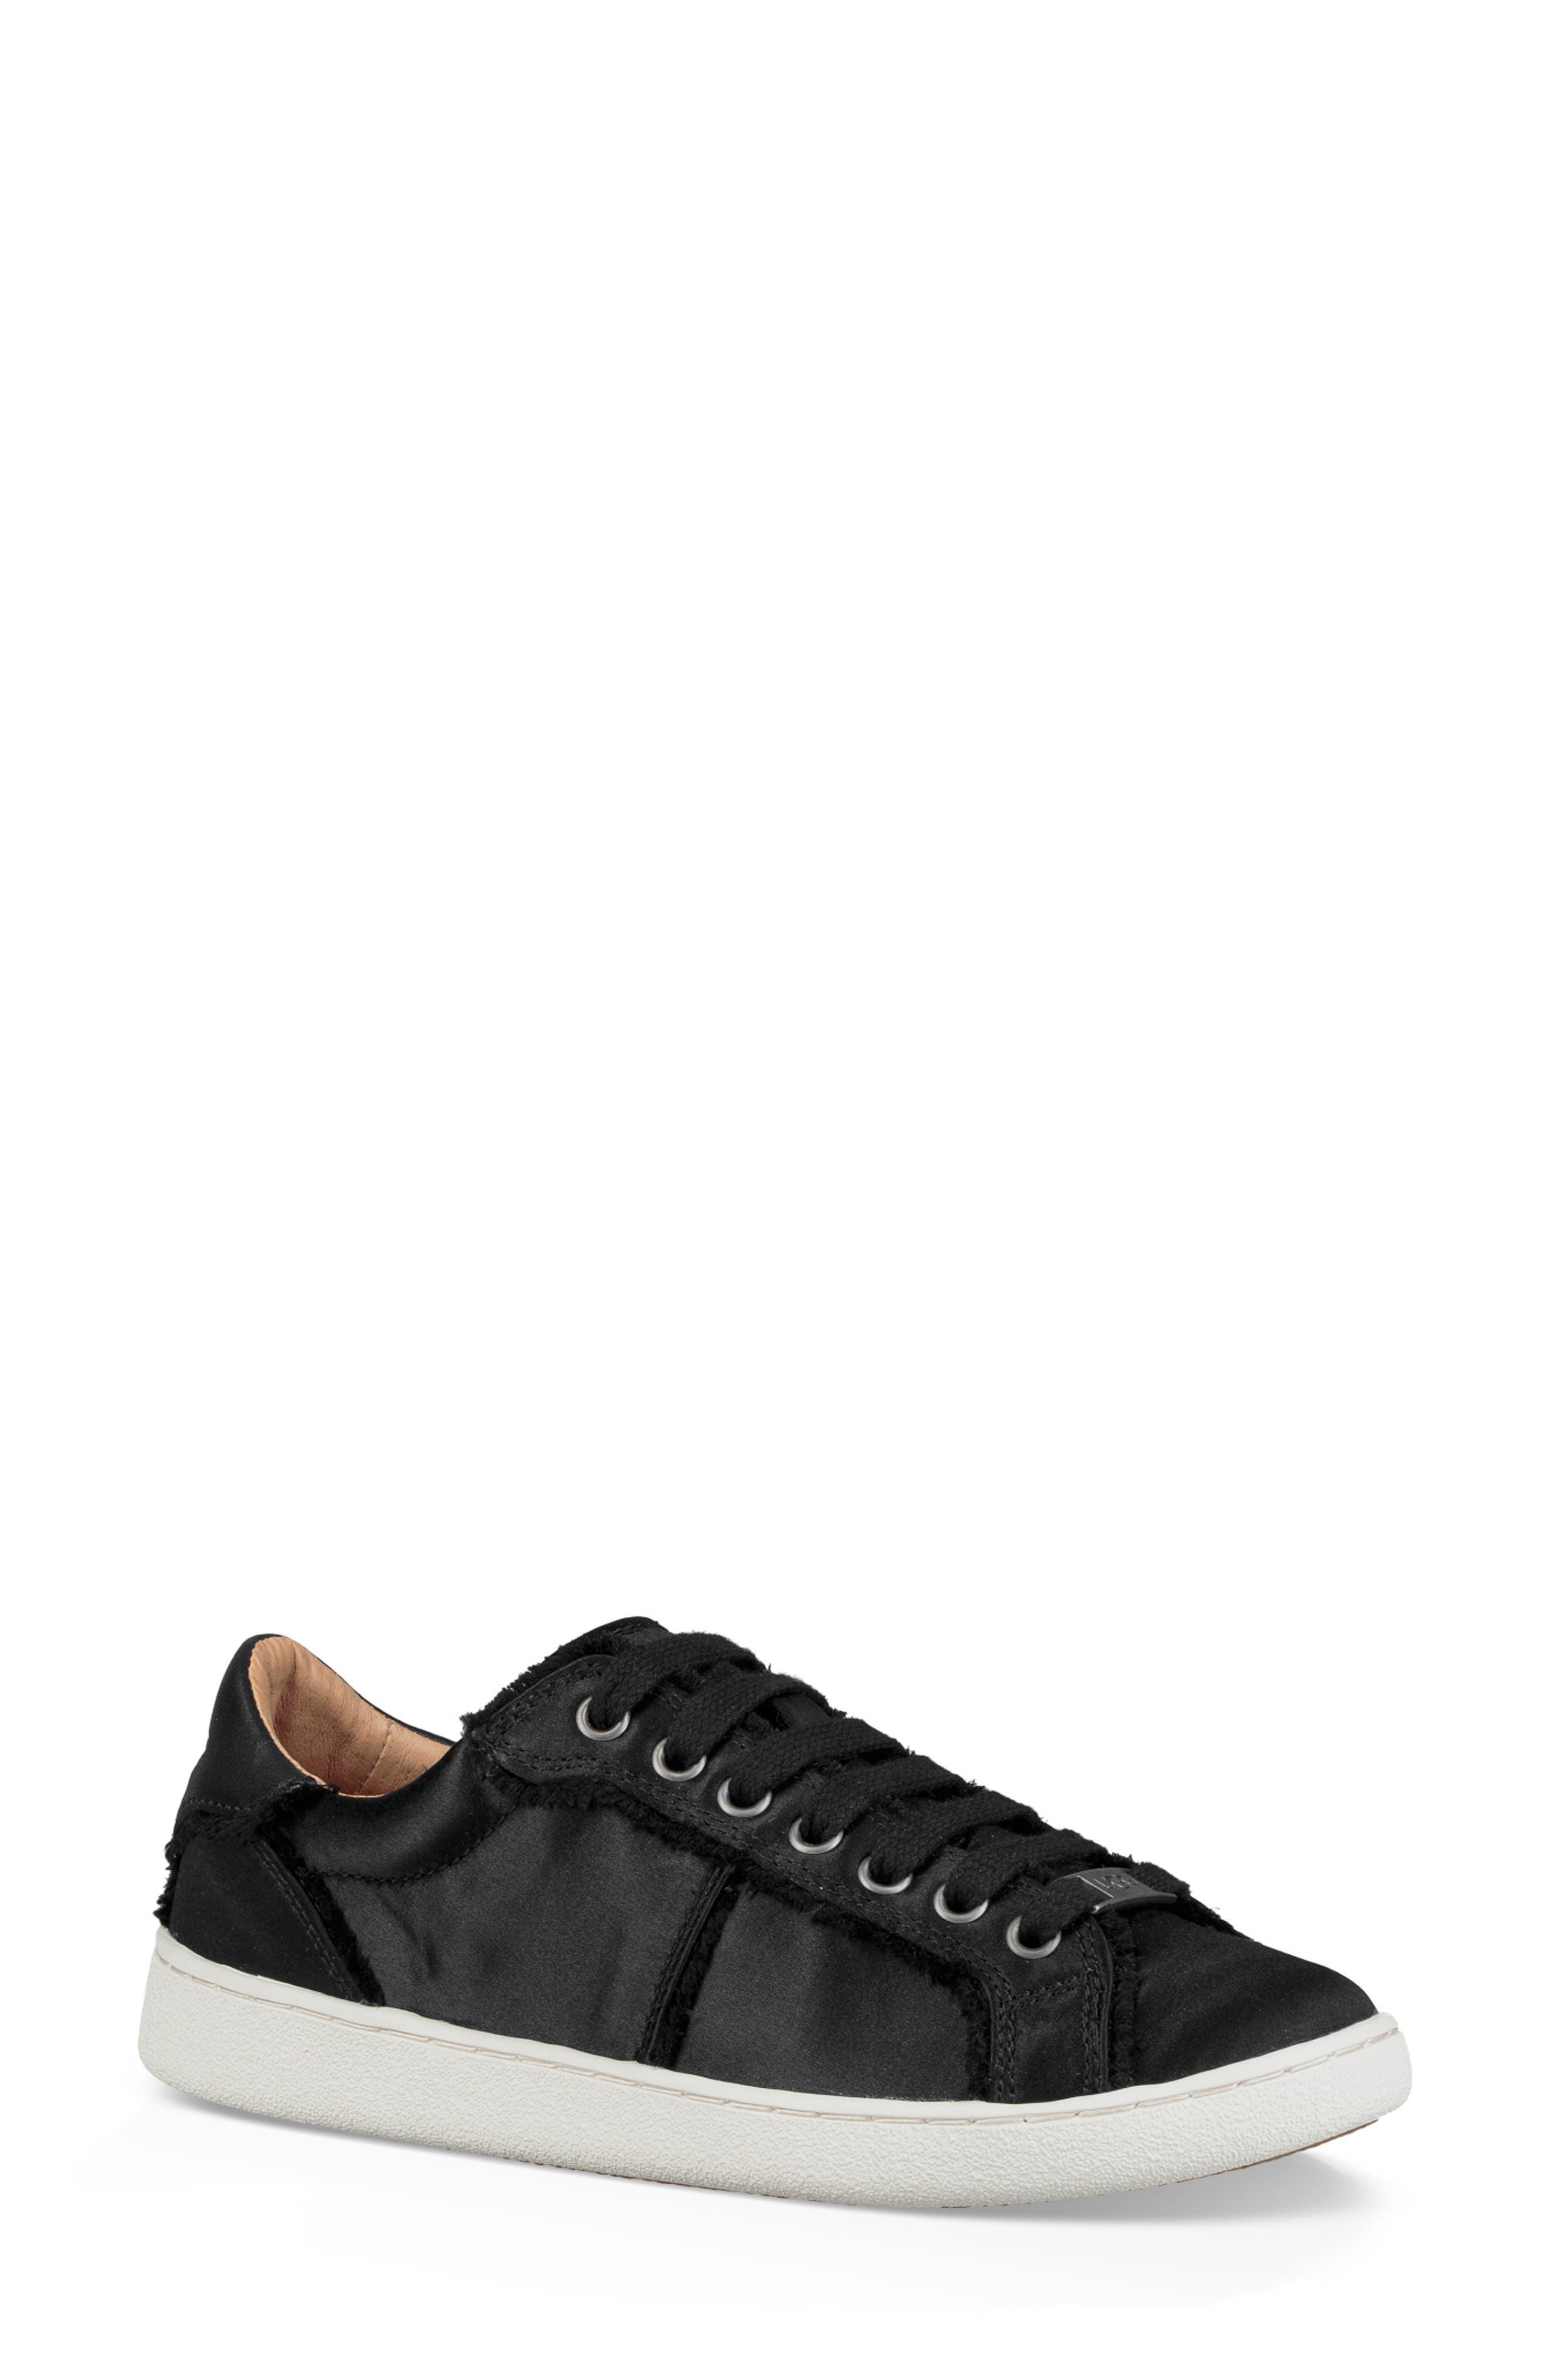 Milo Spill Seam Sneaker,                         Main,                         color, BLACK FABRIC